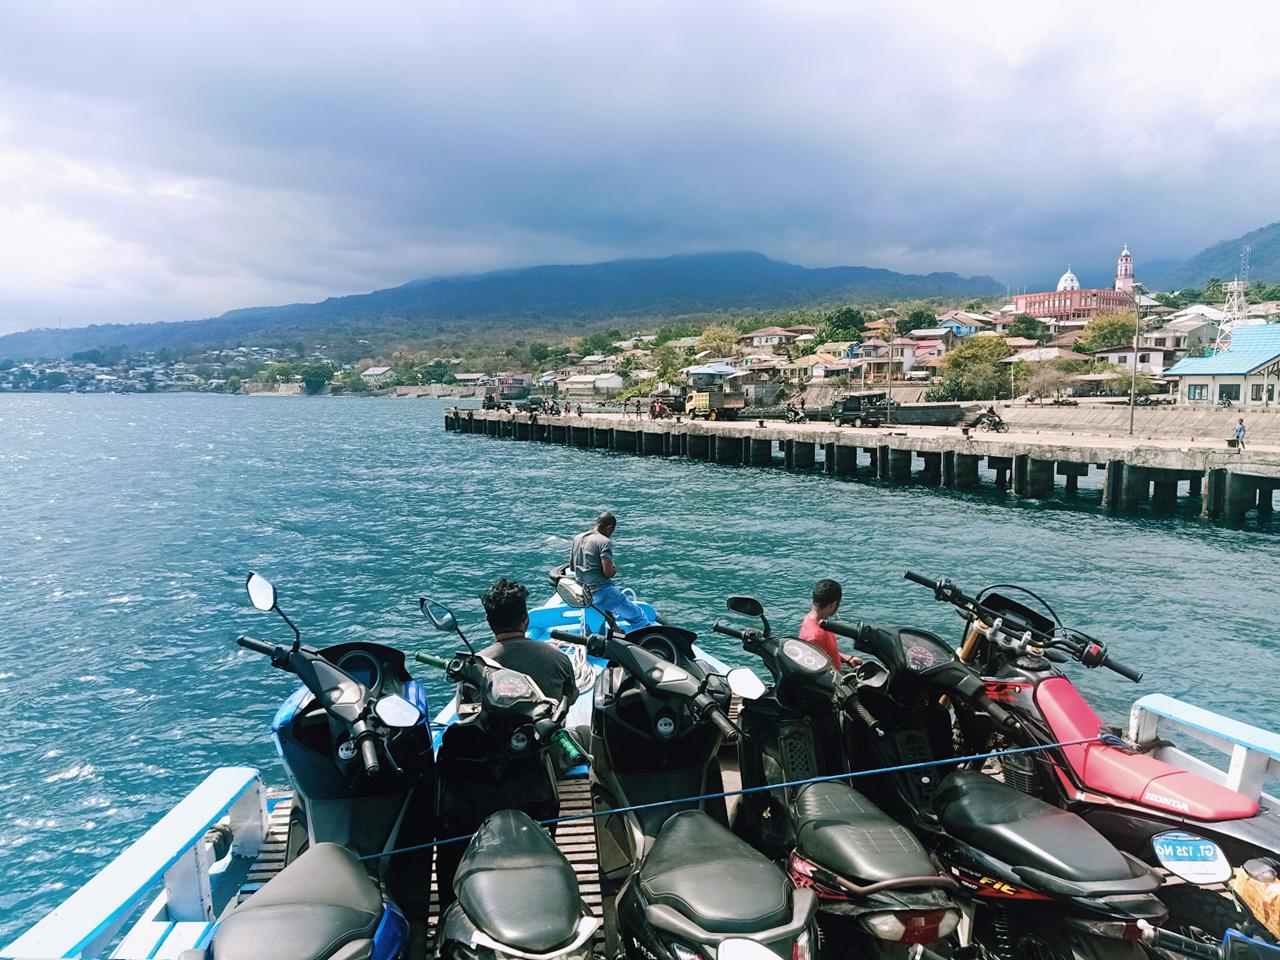 Penyeberangan kapal motor menuju pelabuhan Weiwerang di Pulau Adonara